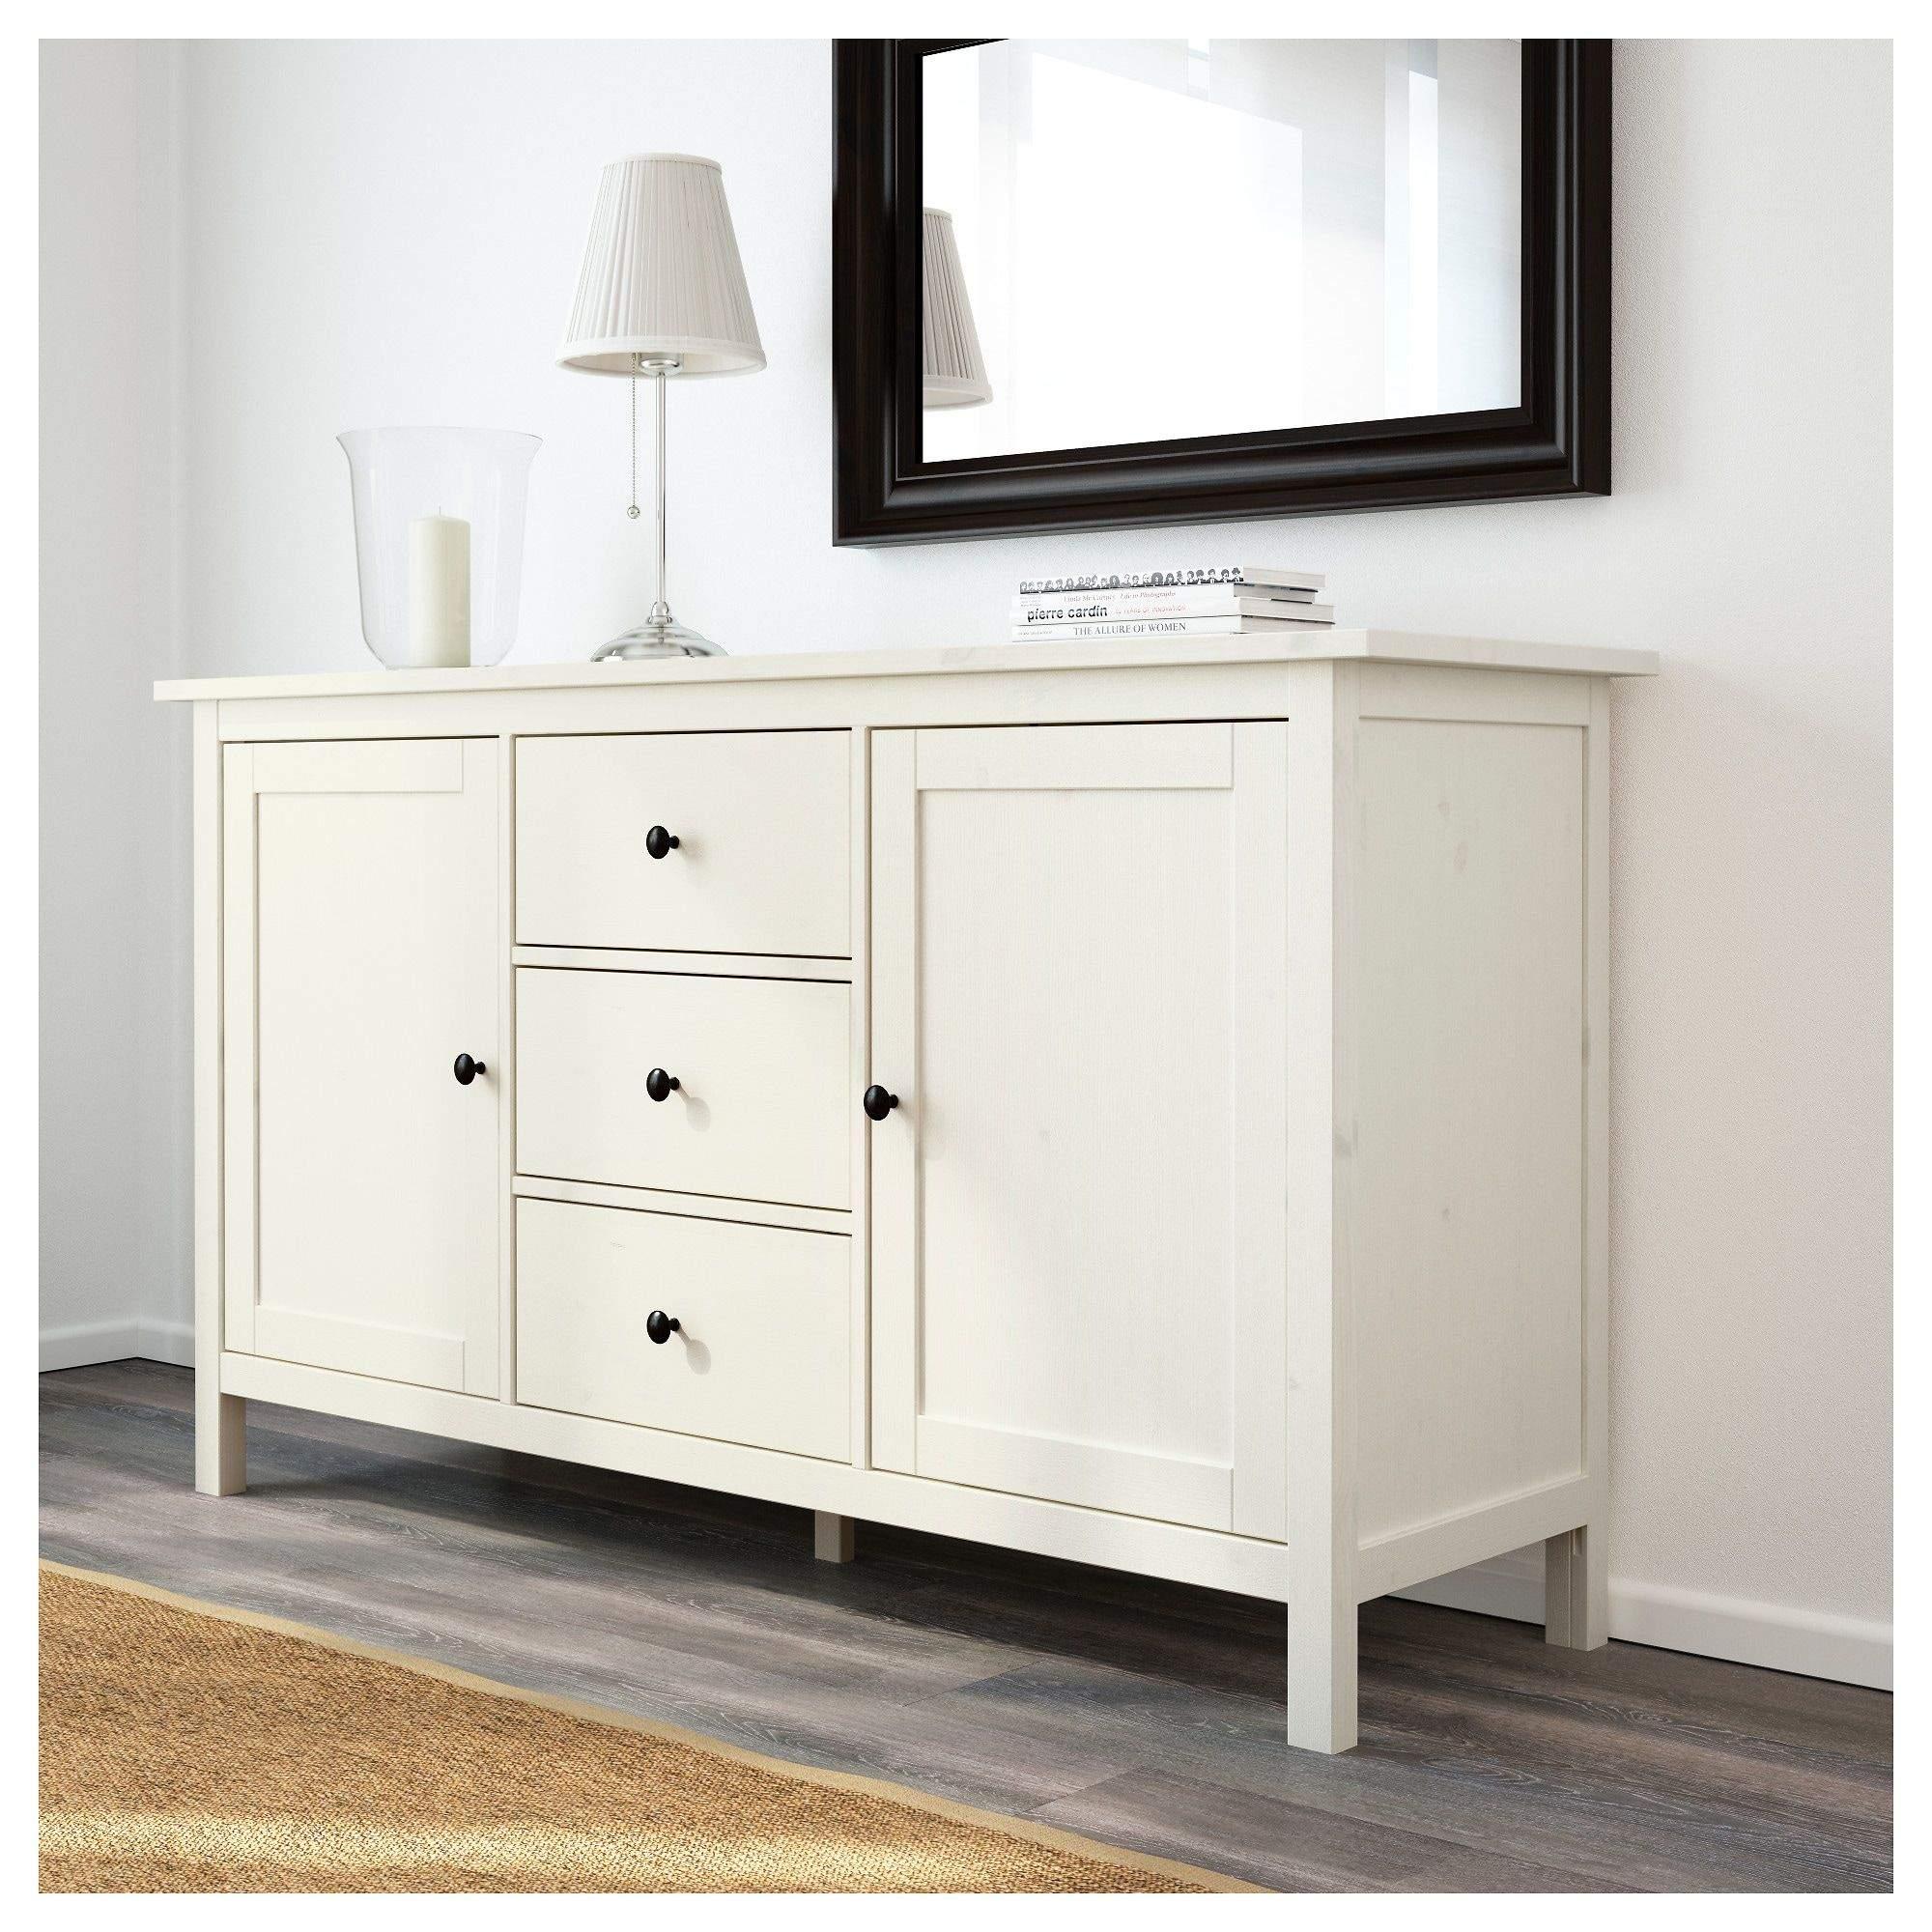 Full Size of Sideboard Ikea Hemnes Wohnzimmer Einzigartig White Stain Modulküche Sofa Mit Schlaffunktion Küche Kosten Arbeitsplatte Betten 160x200 Bei Miniküche Kaufen Wohnzimmer Sideboard Ikea